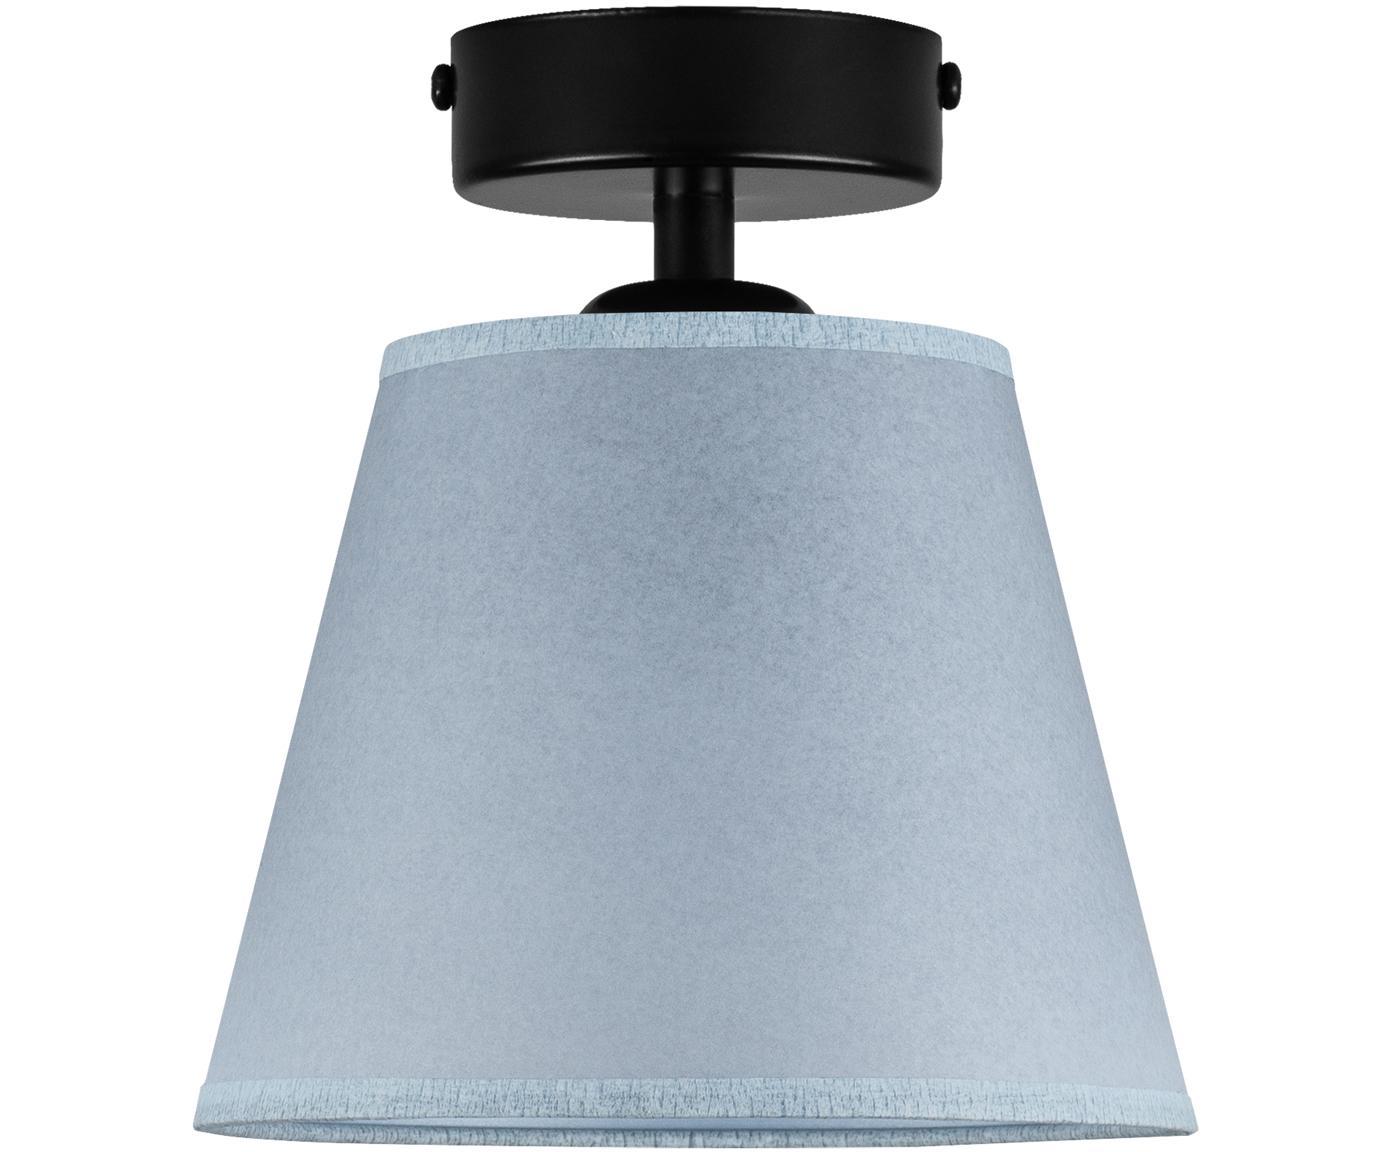 Mała lampa sufitowa z papieru Iro, Niebieski, czarny, Ø 16 x W 18 cm